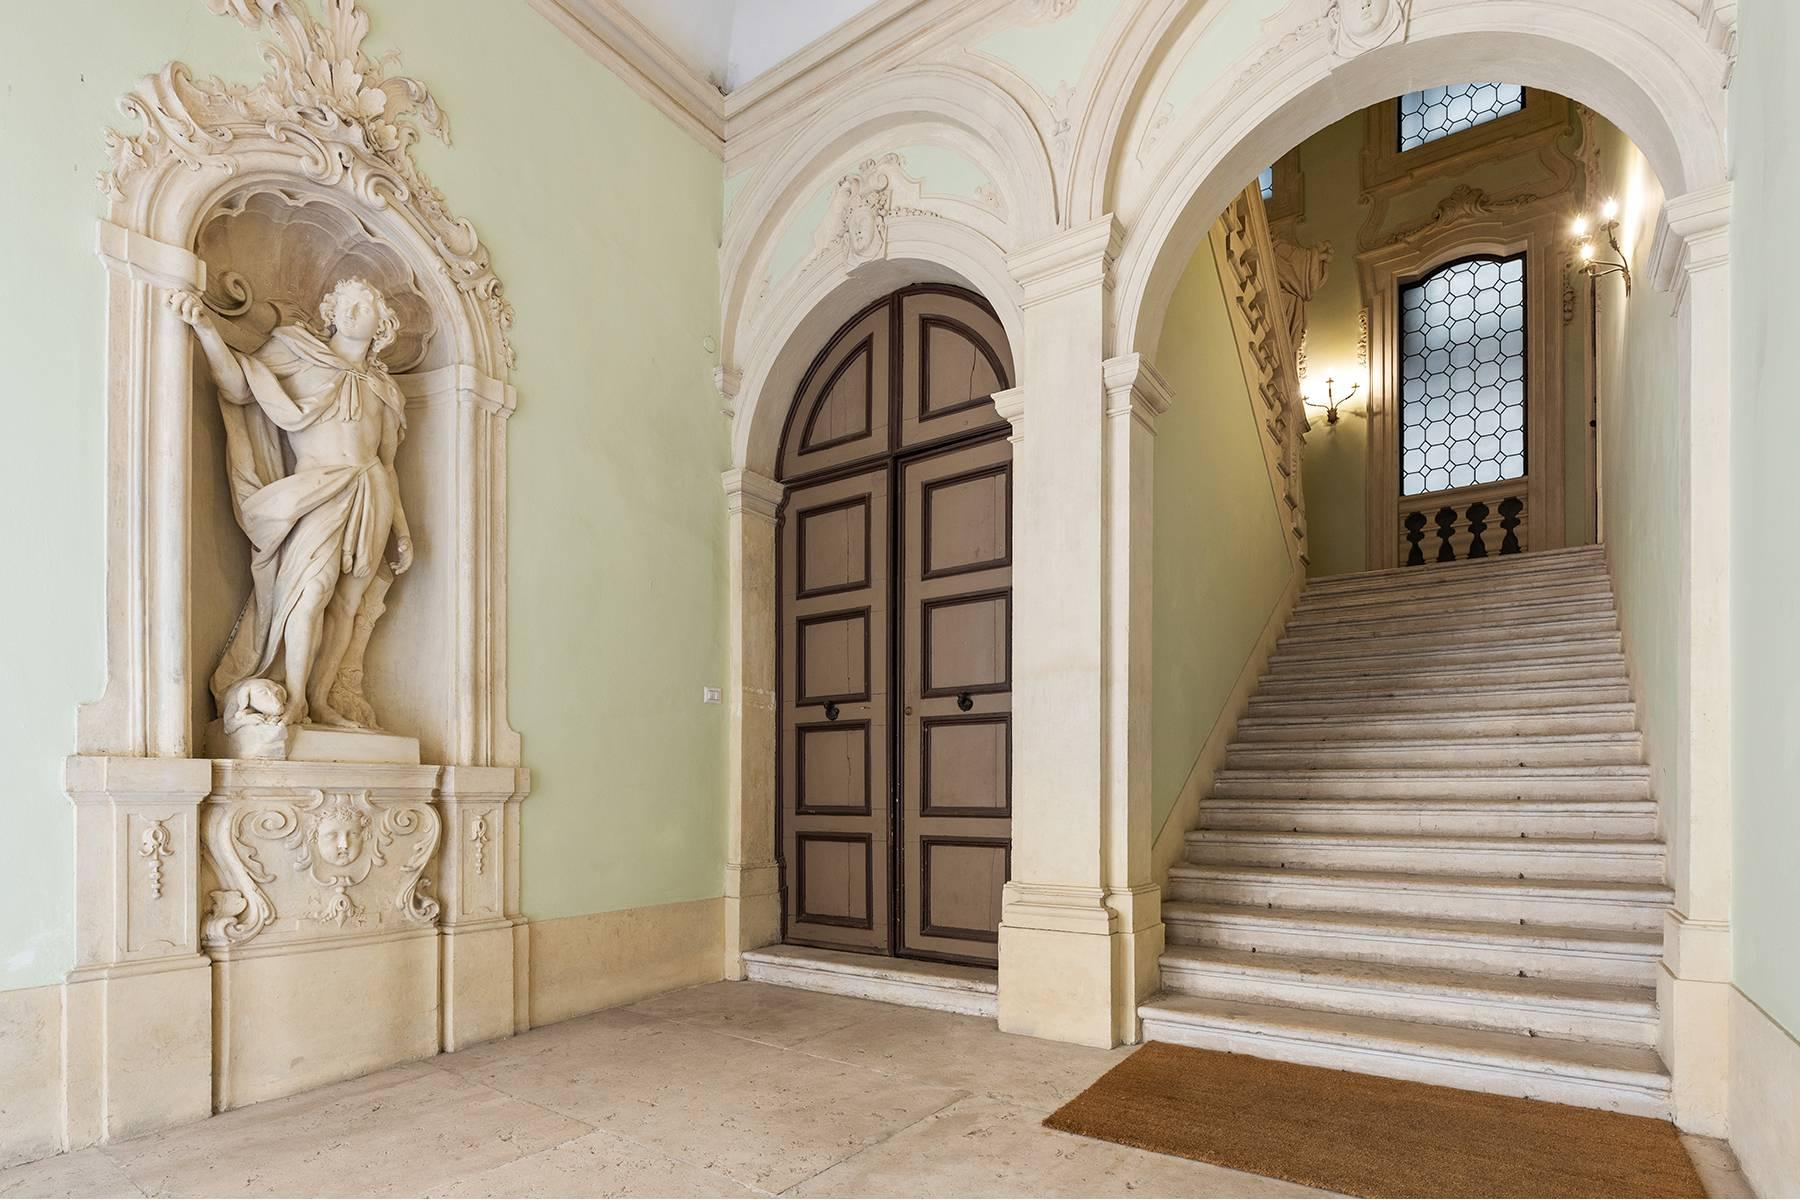 Magnifico Piano nobile affrescato in centro a Verona - 5